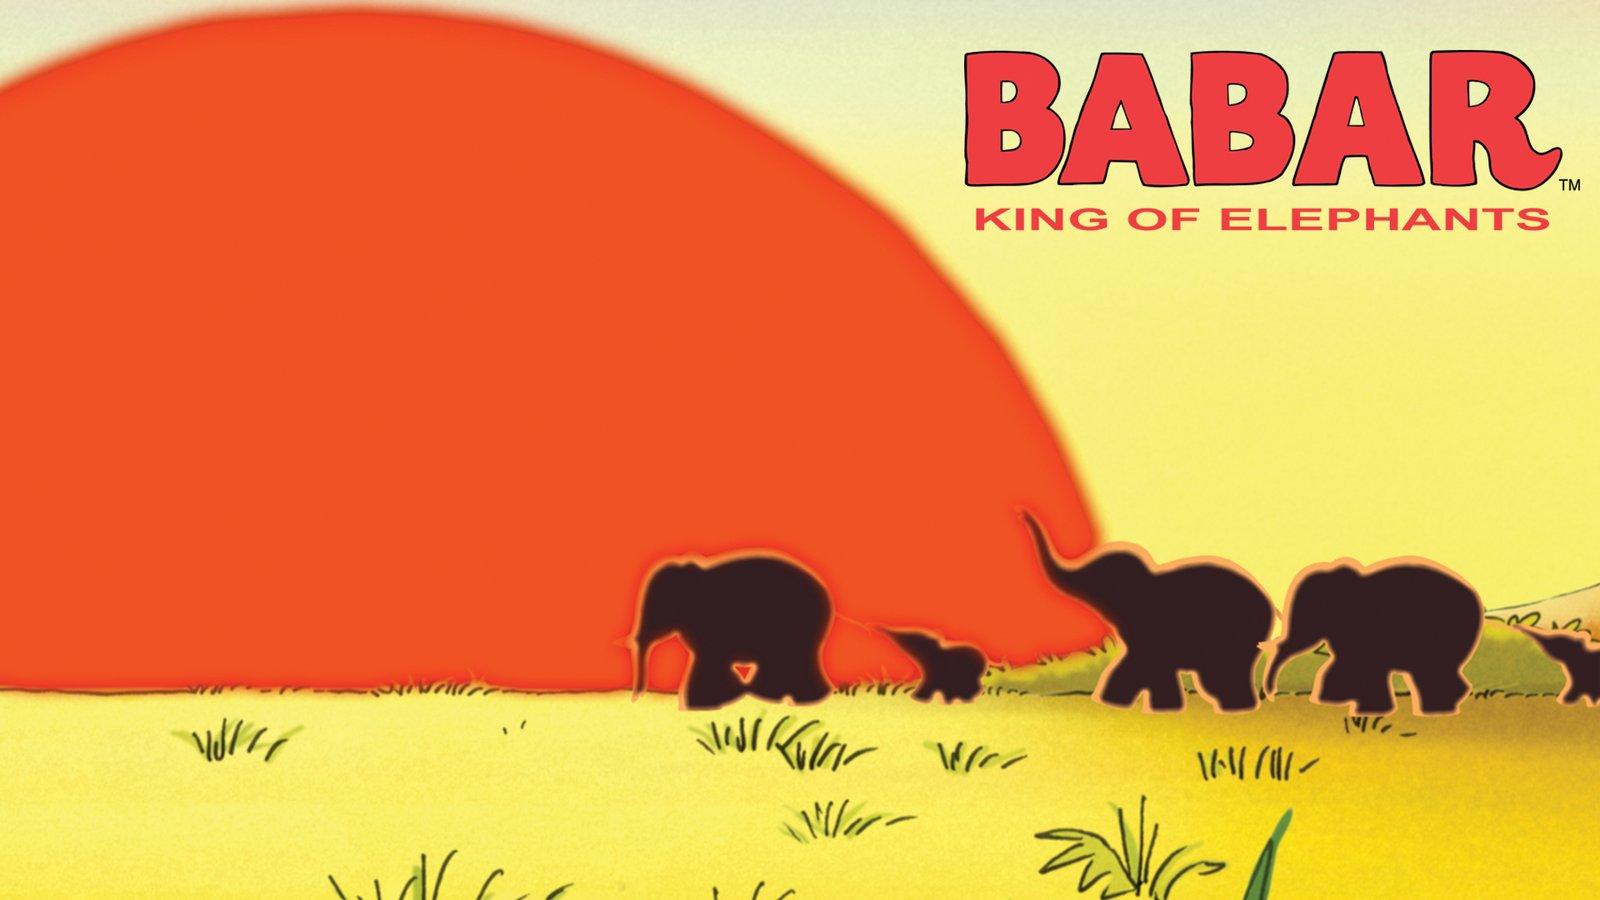 Babar: King of Elephants